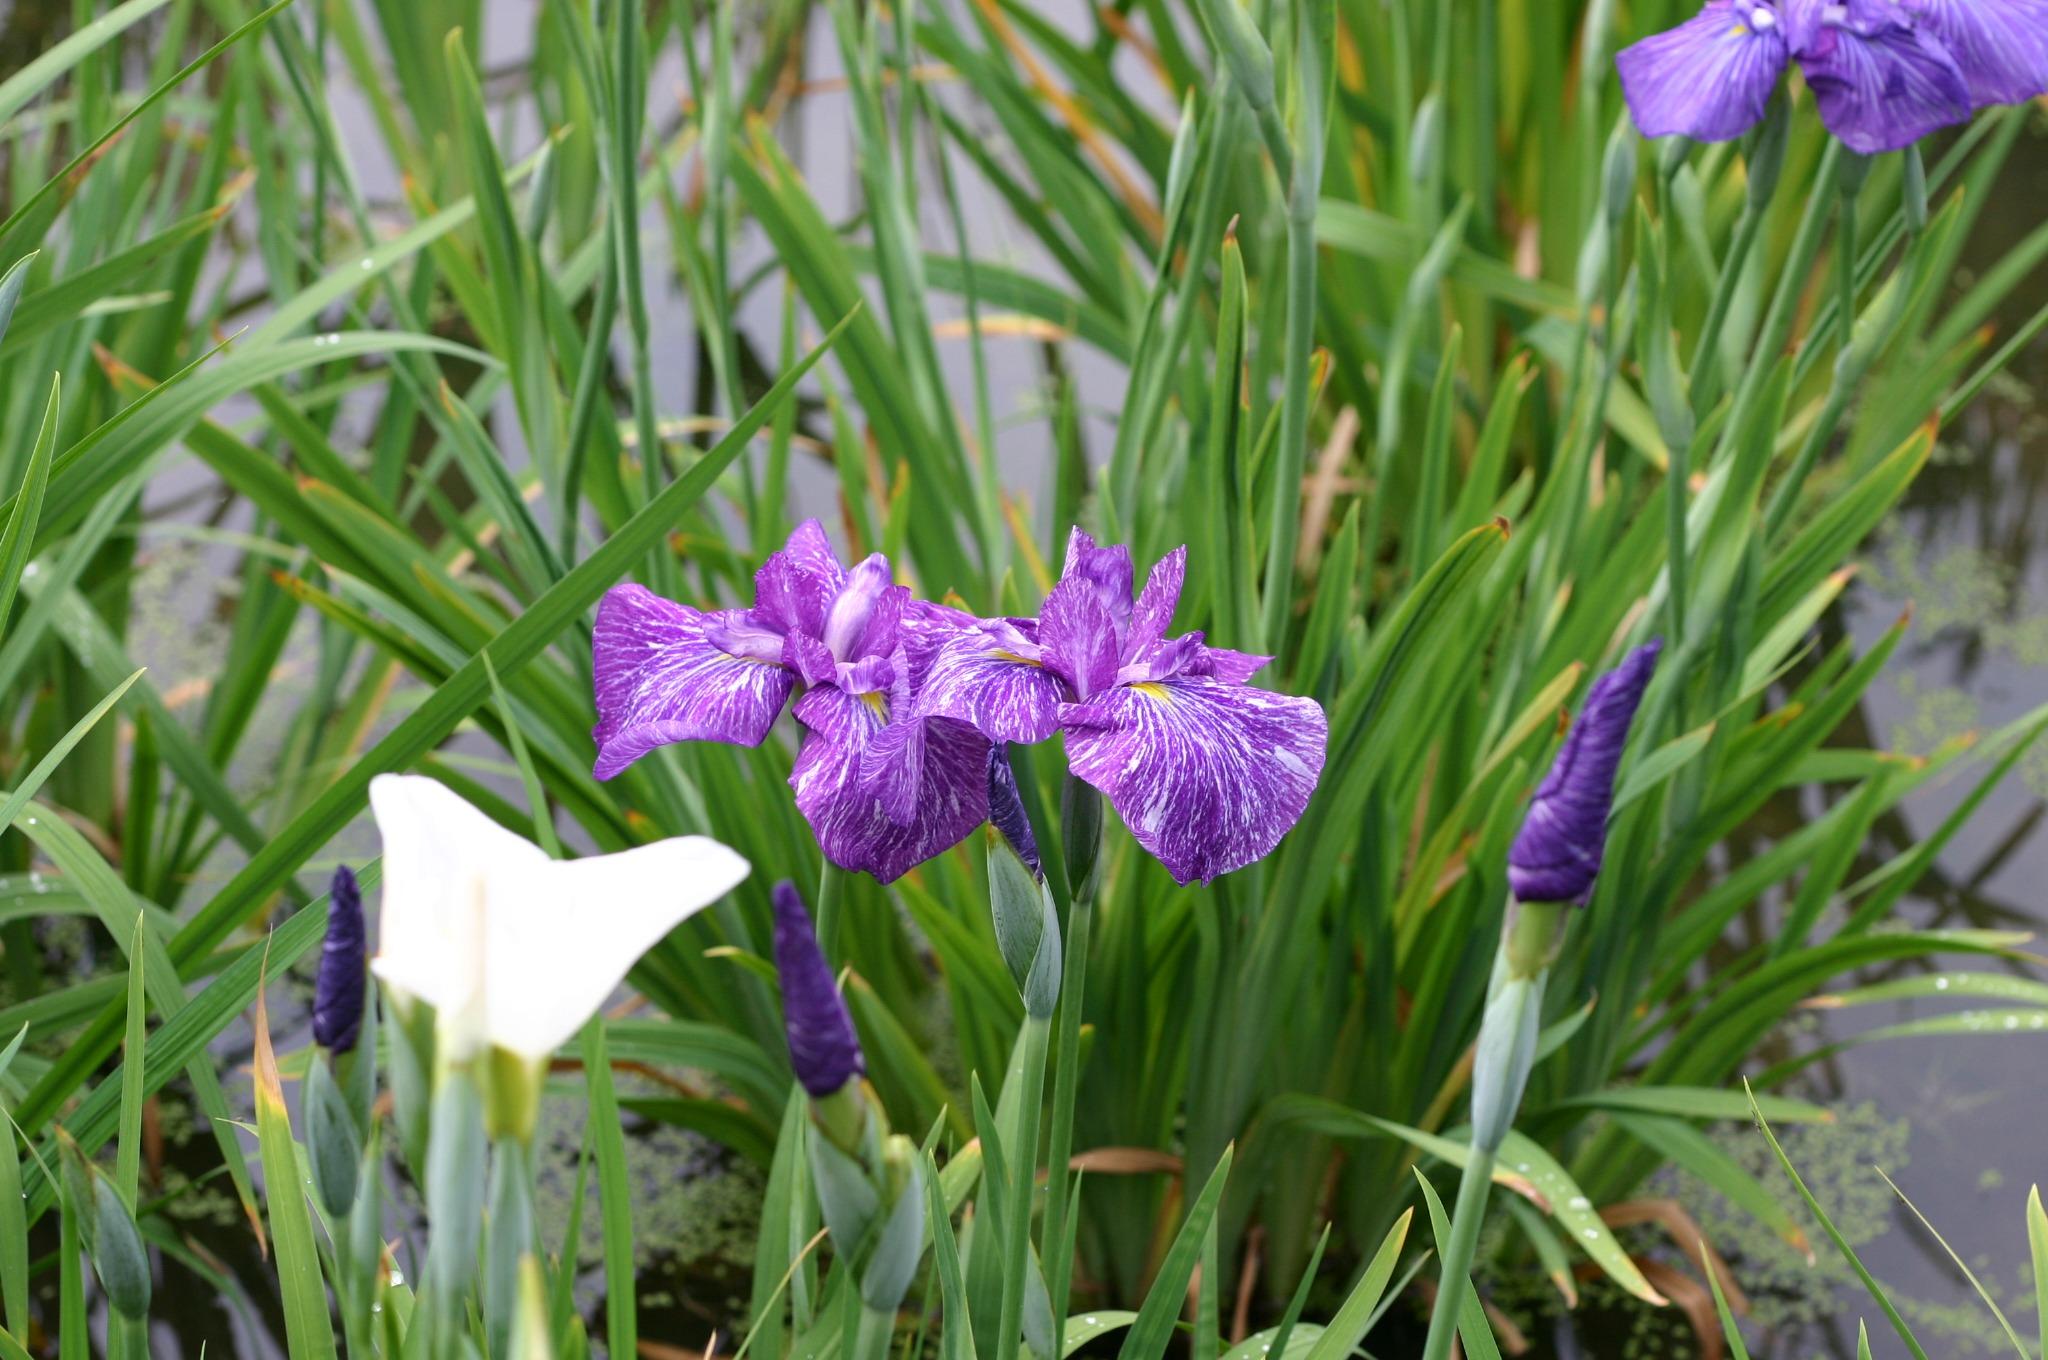 きれいに咲く青い菖蒲の花